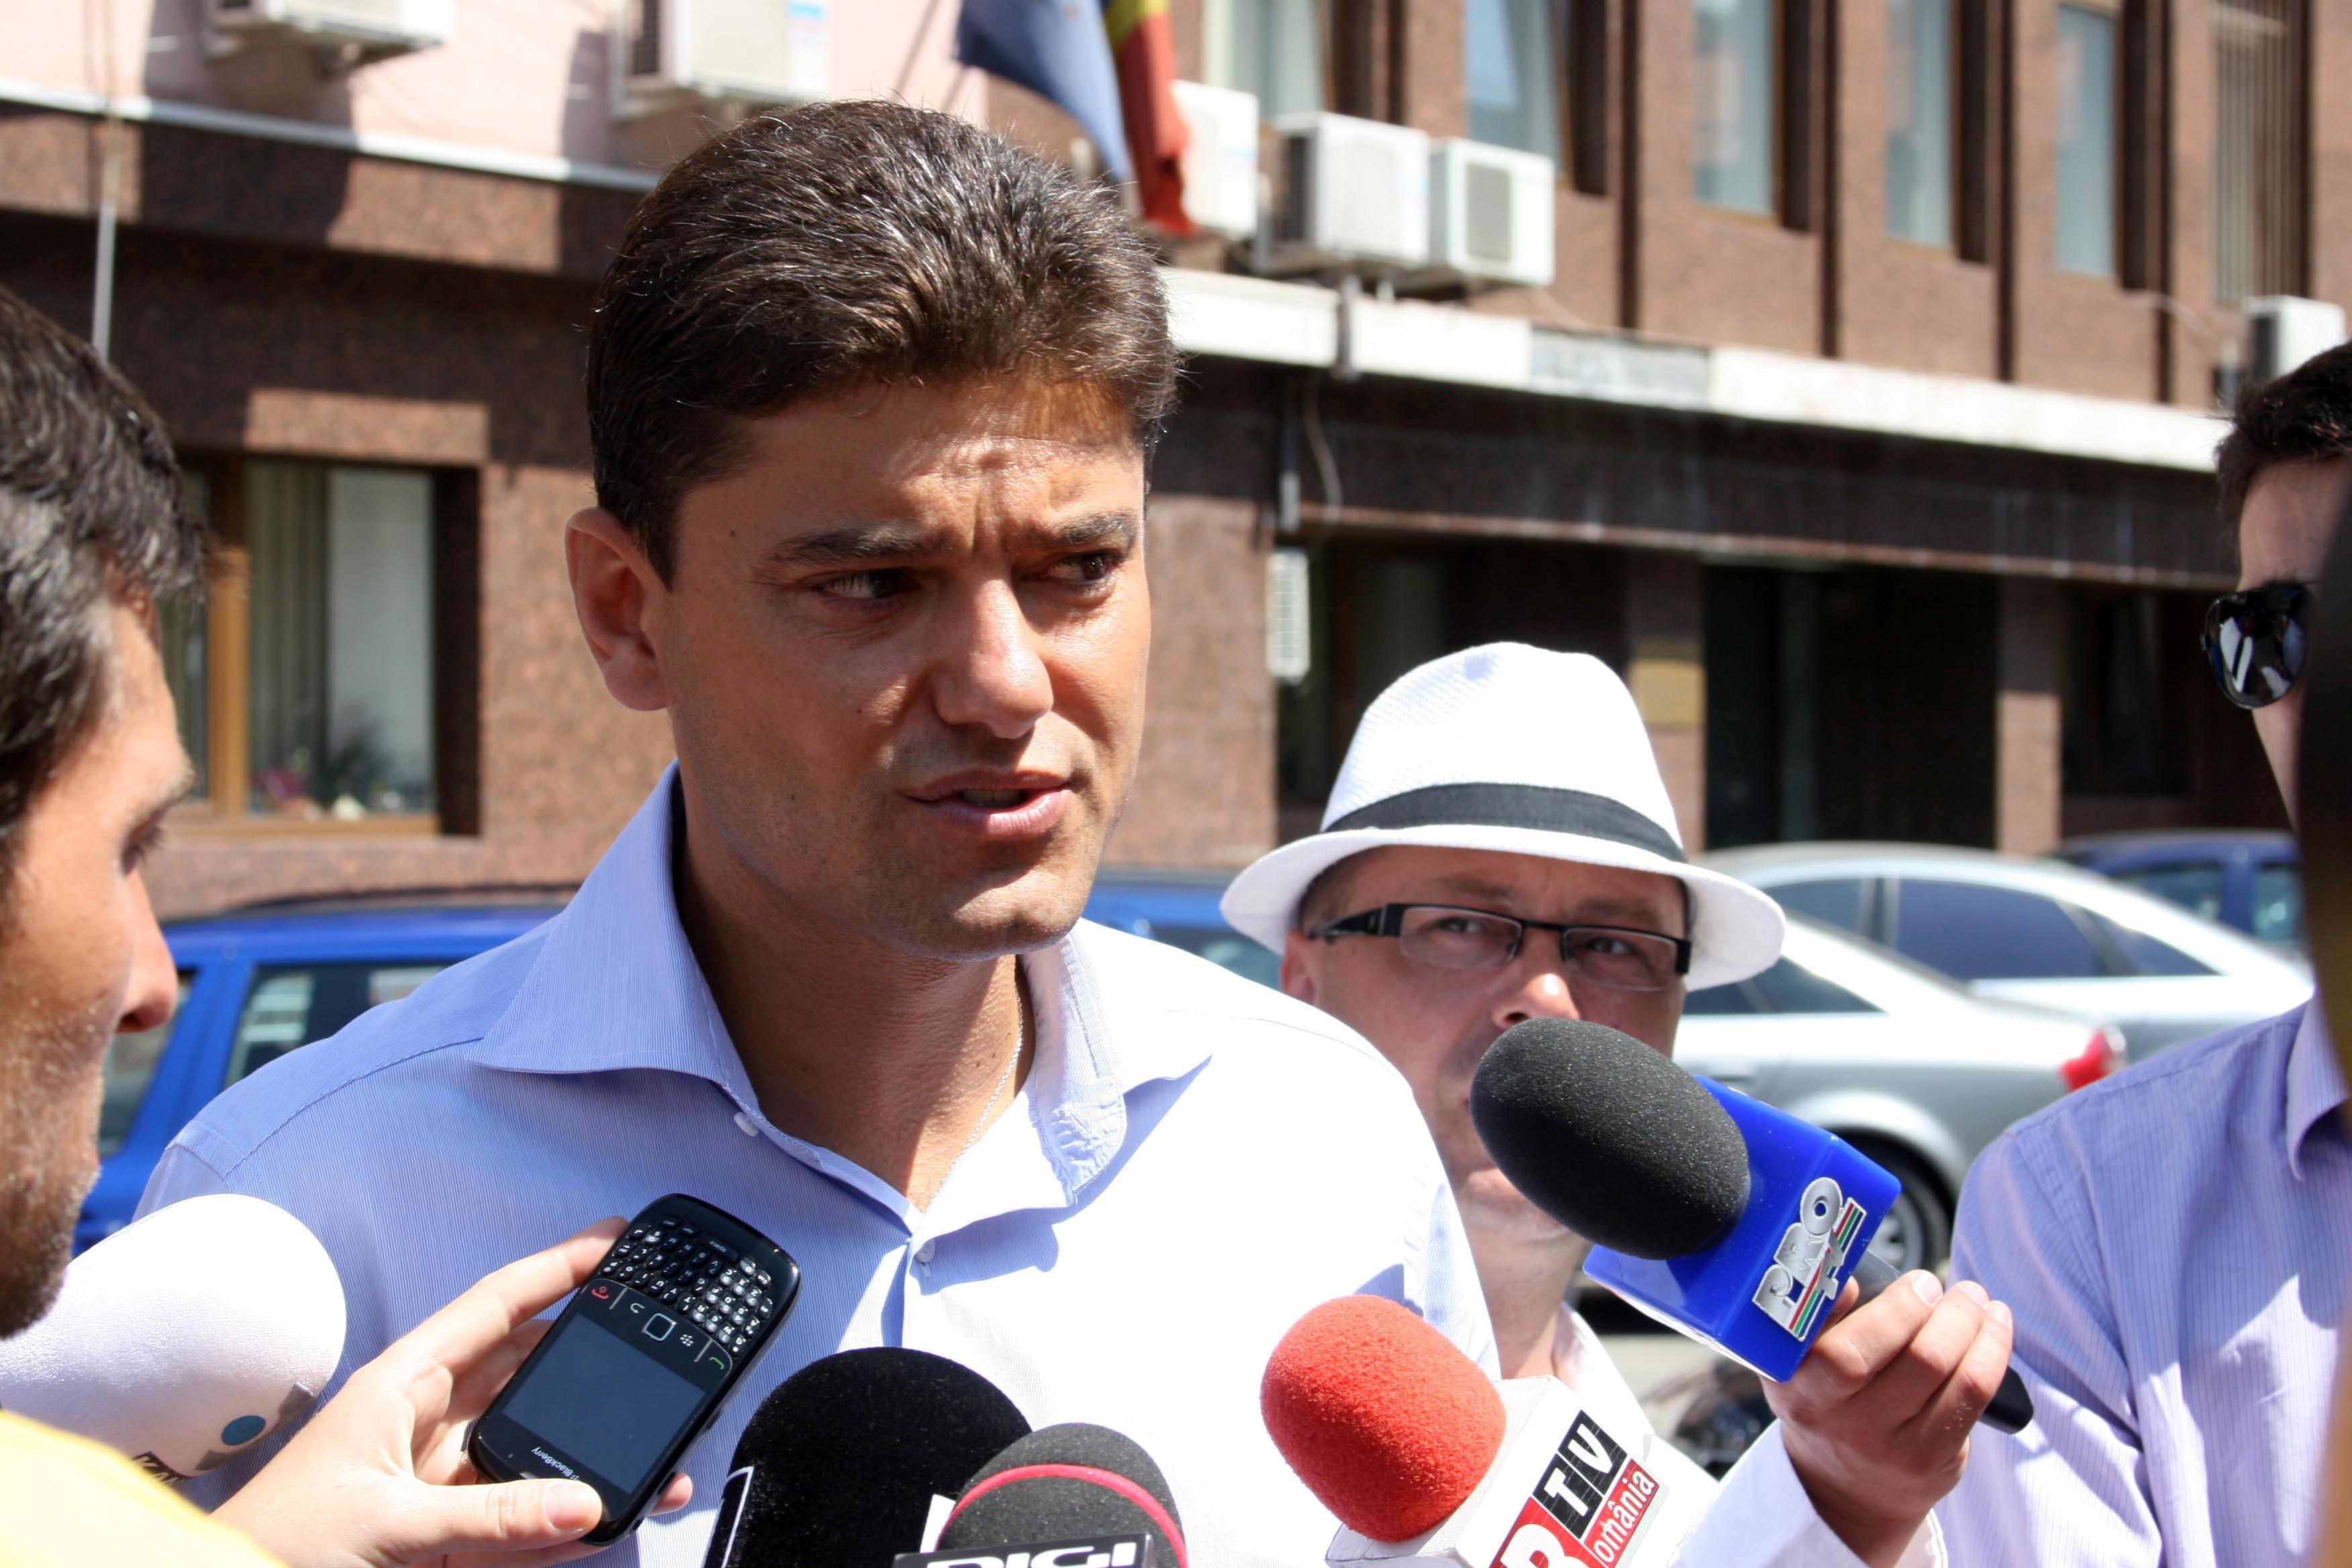 Tribunalul Bucureşti a rămas în pronunţare privind cererea de eliberare a lui Cristian Boureanu